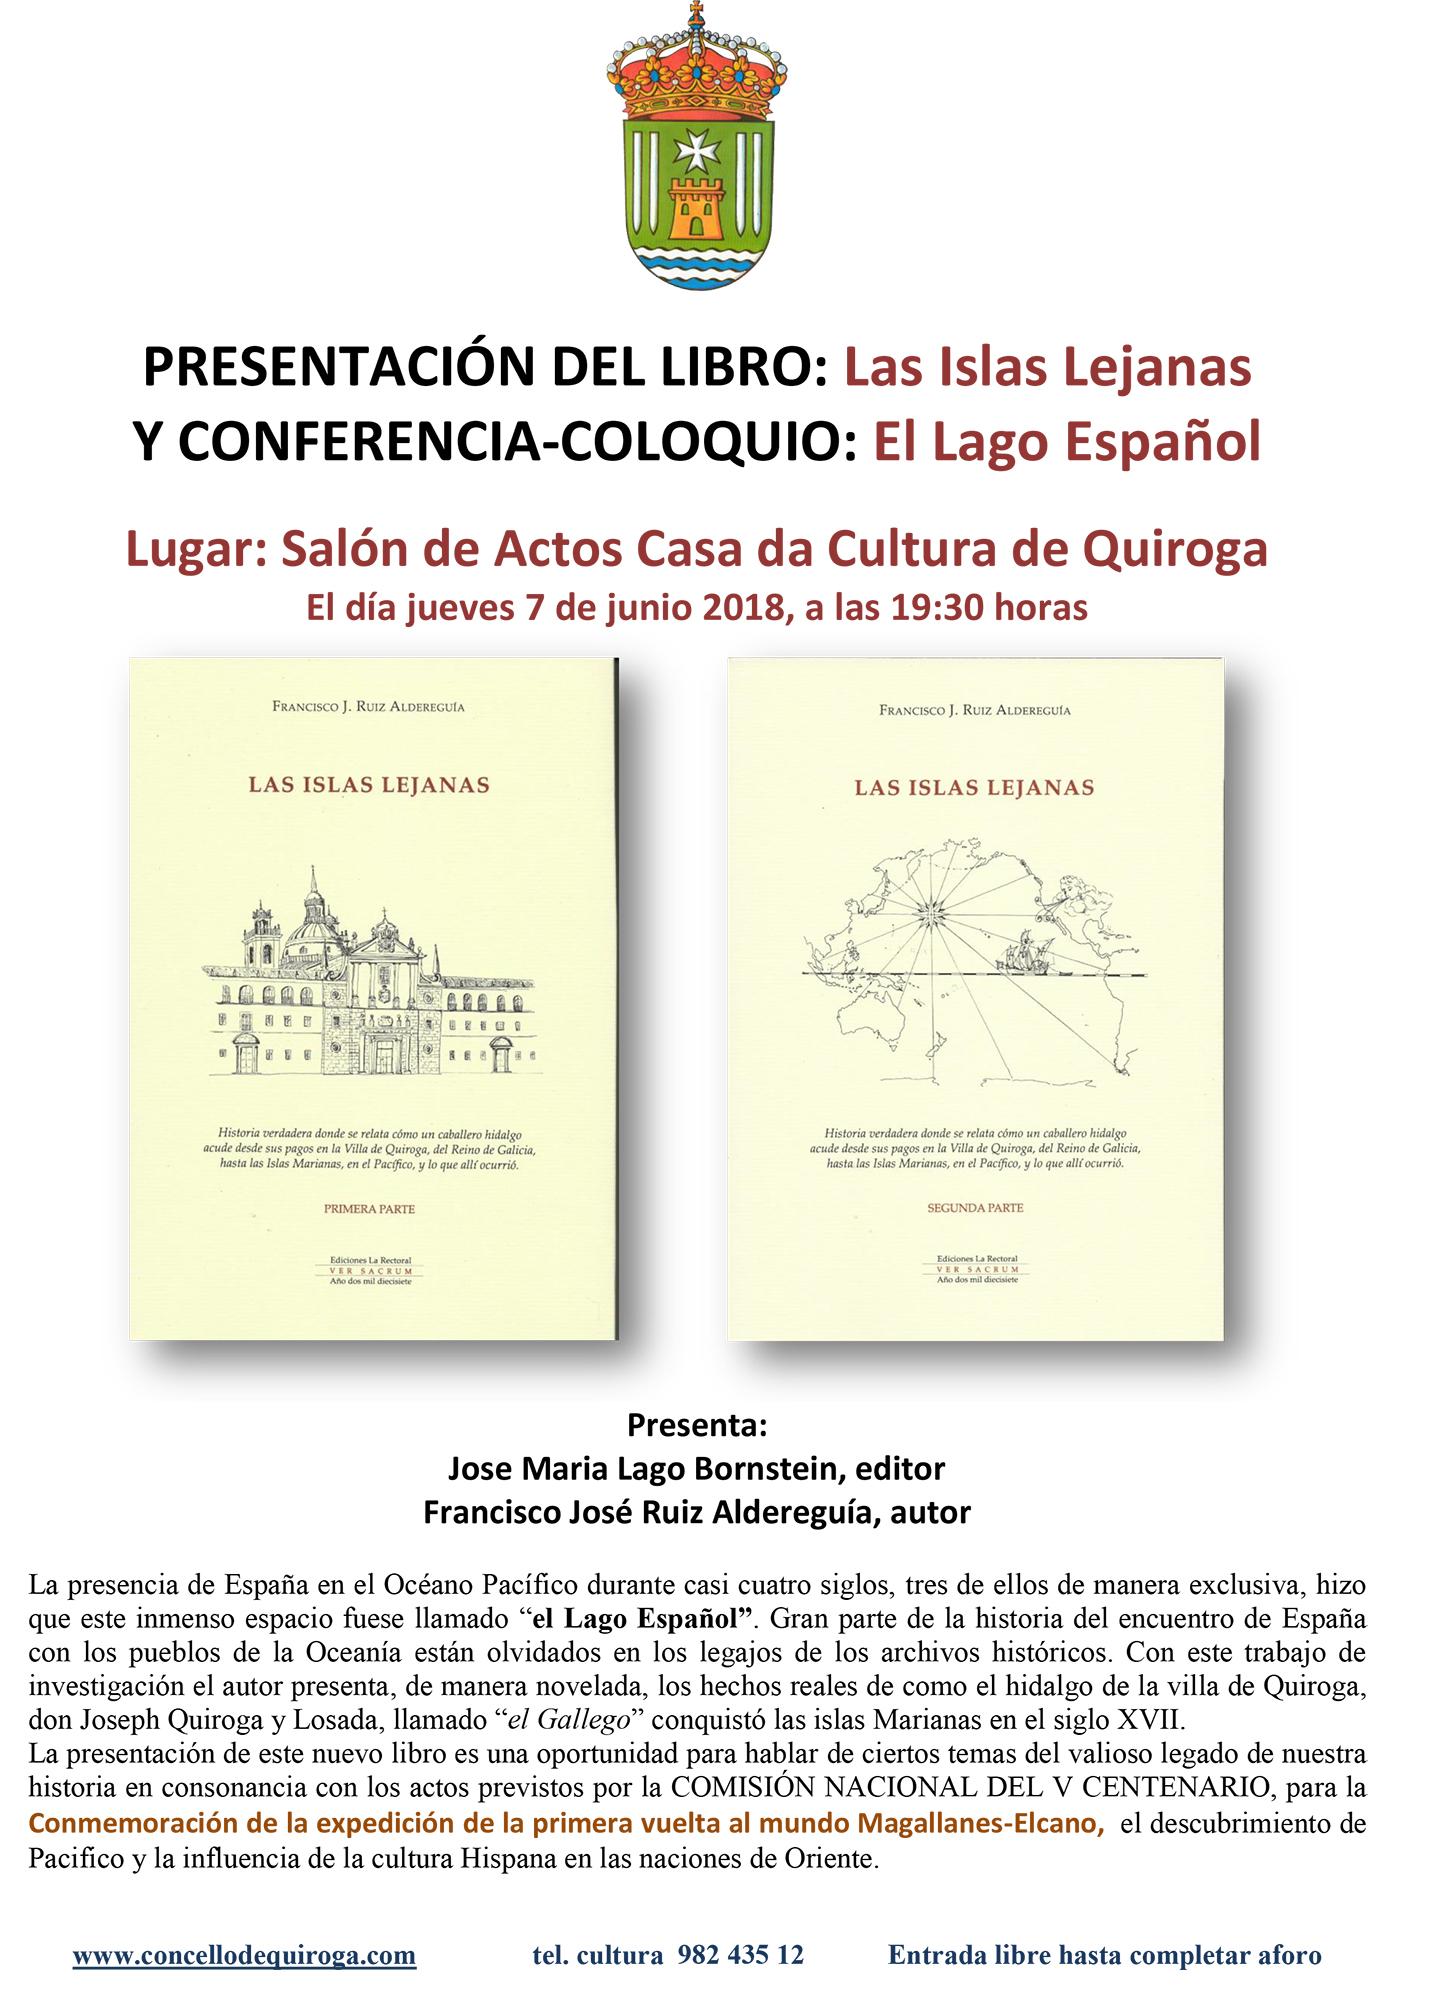 Presentación do libro «Las Islas Lejanas»